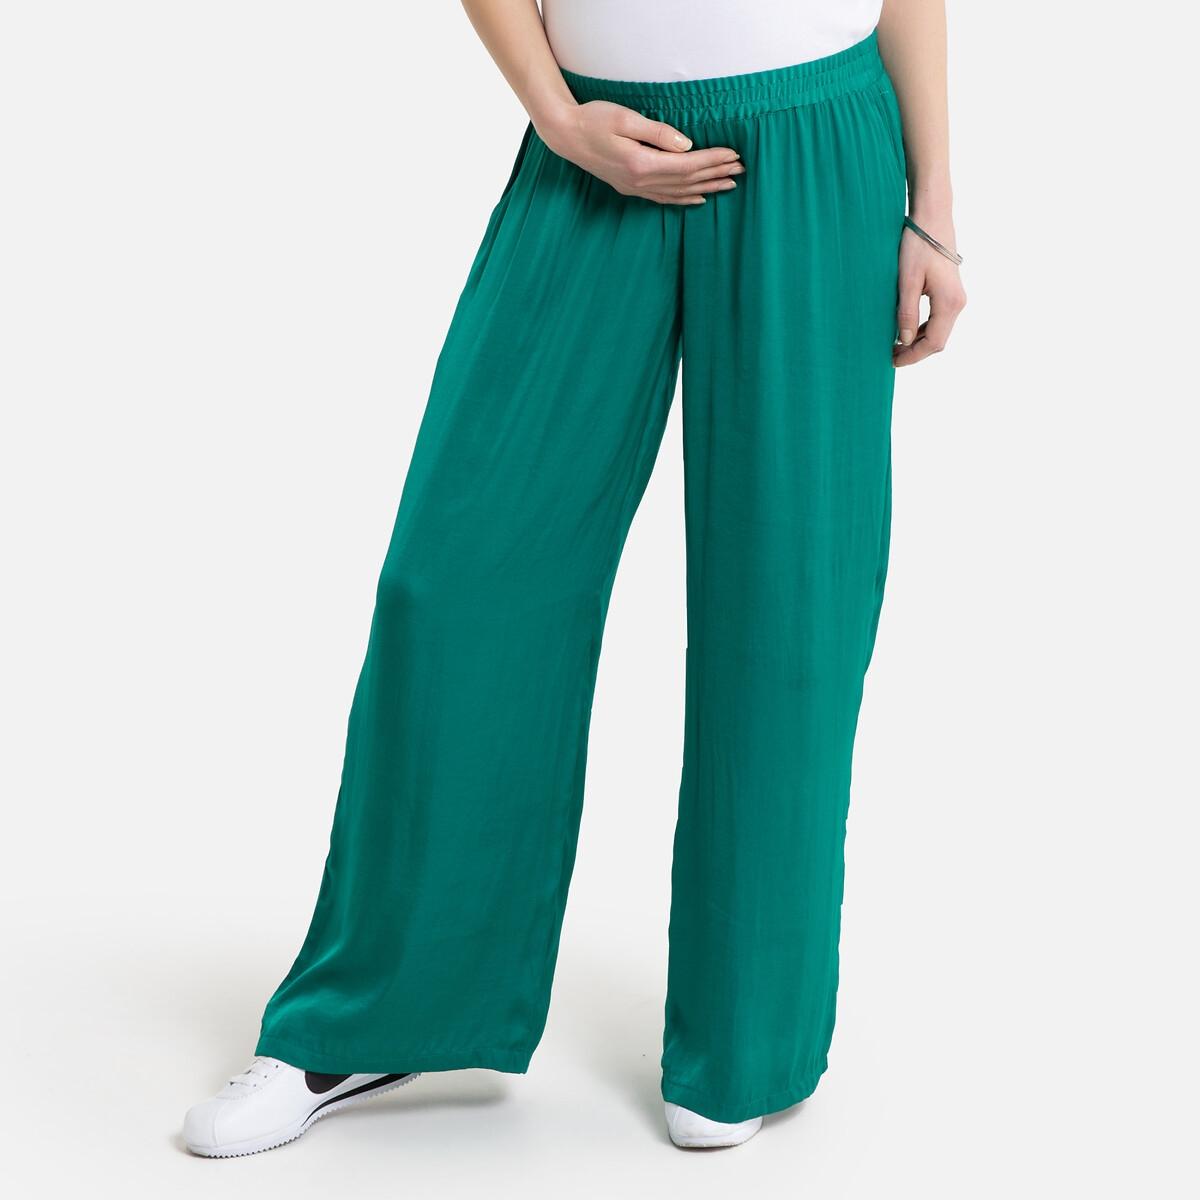 Фото - Брюки LaRedoute Широкие для периода беременности 36 (FR) - 42 (RUS) зеленый брюки laredoute для периода беременности прямые с принтом в ломаную клетку 38 fr 44 rus другие